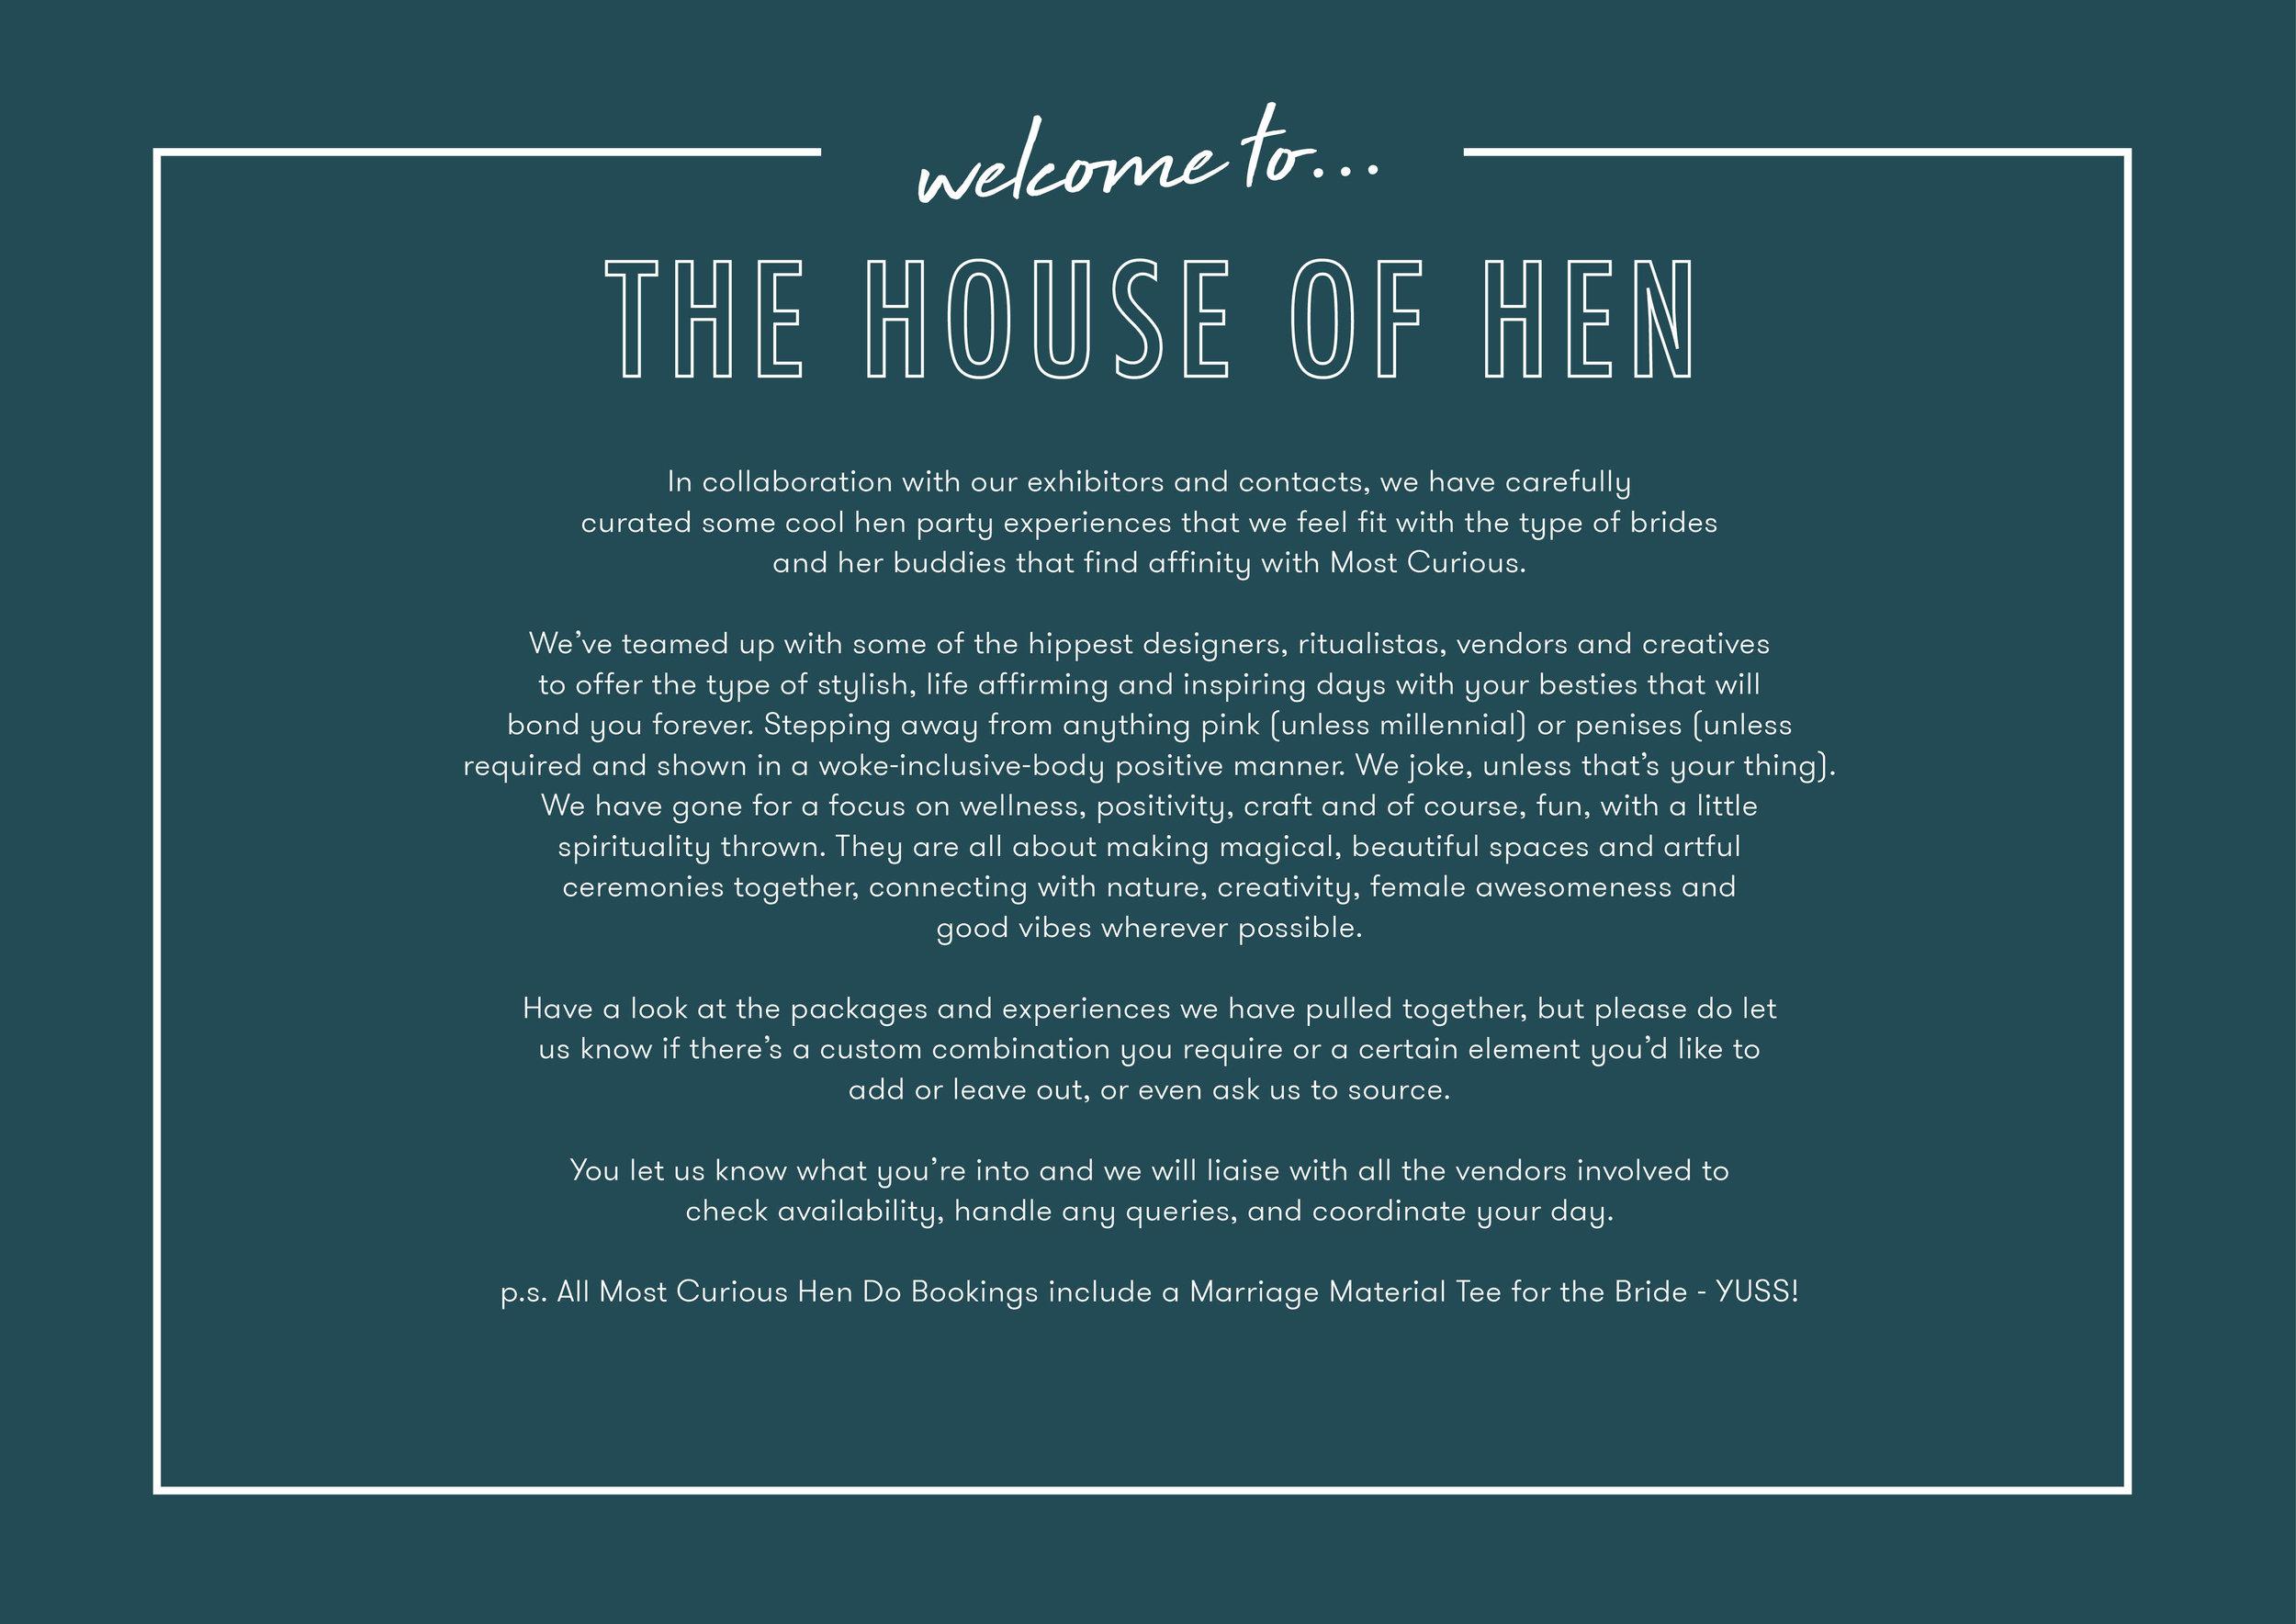 House of Hen_Packages Brochure3.jpg